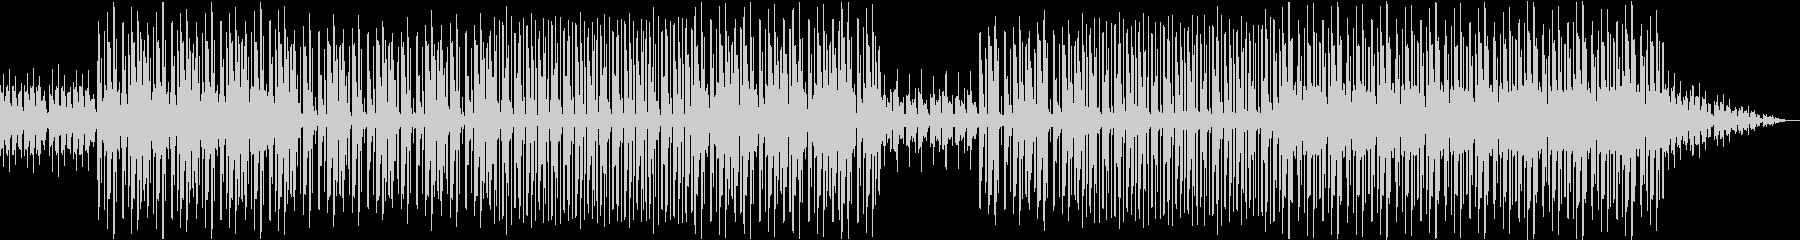 印象的なトランペットのヒップホップビートの未再生の波形